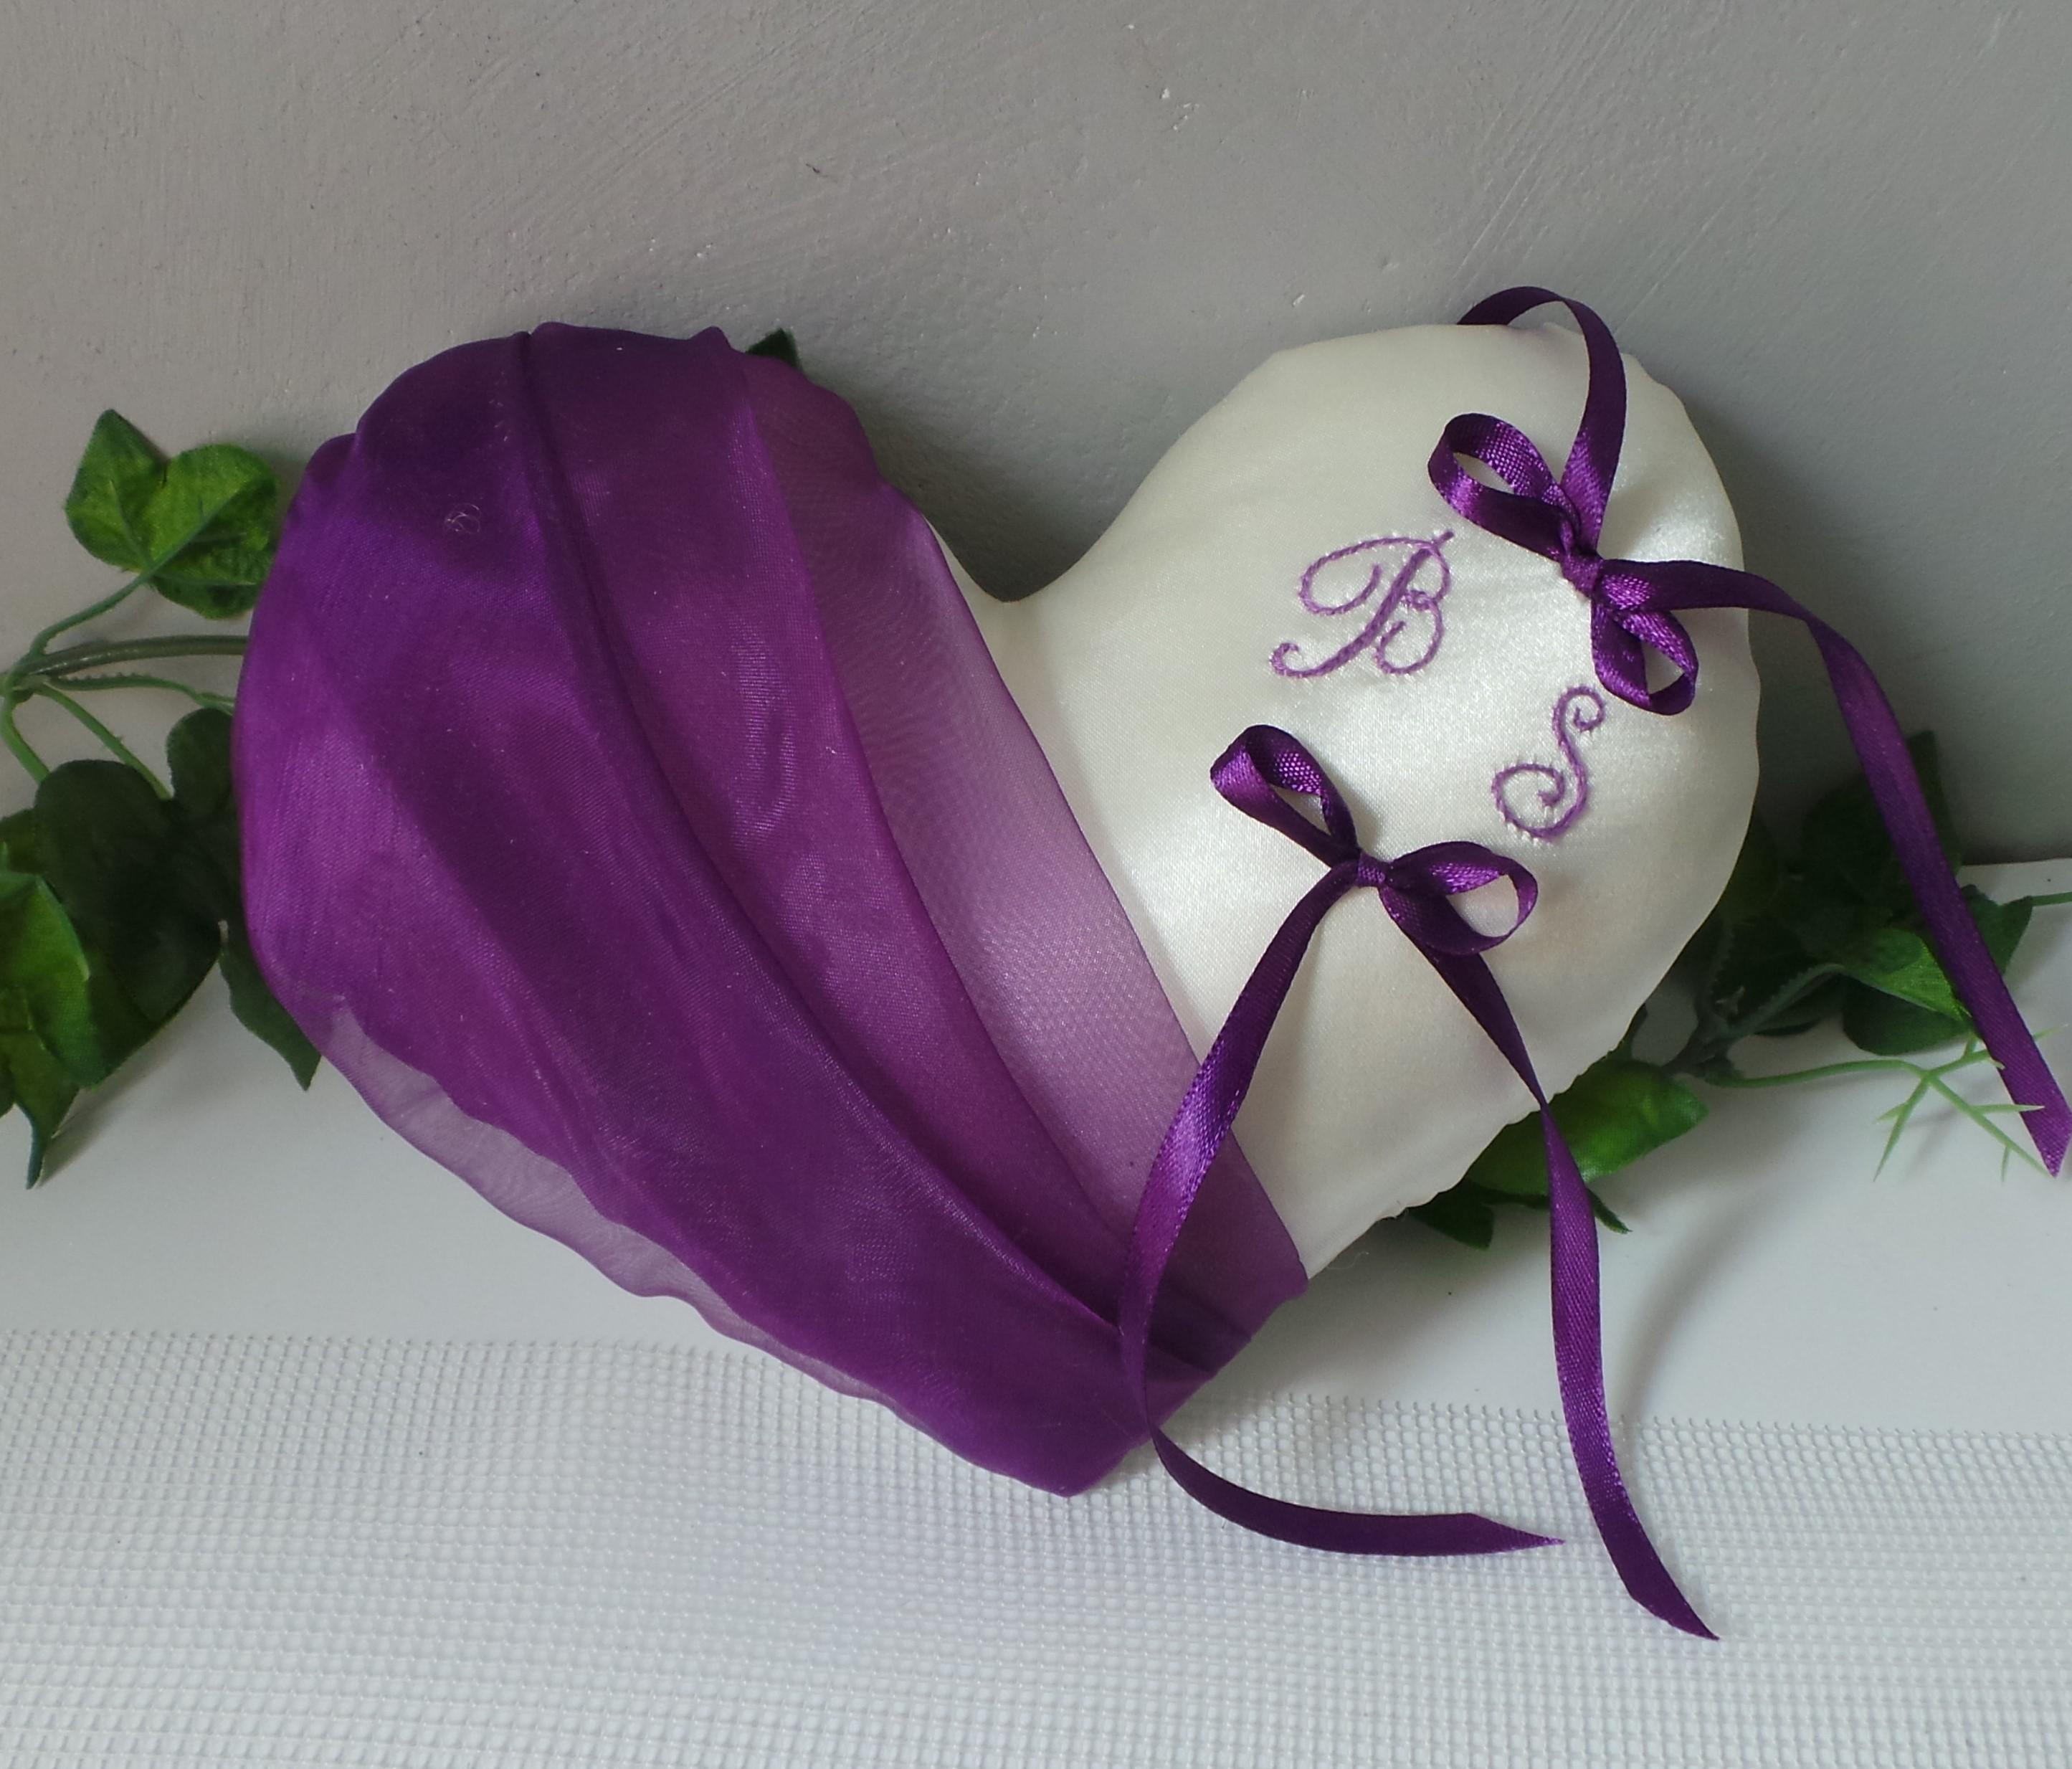 Coussin alliance personnalise forme coeur violet prune fait main